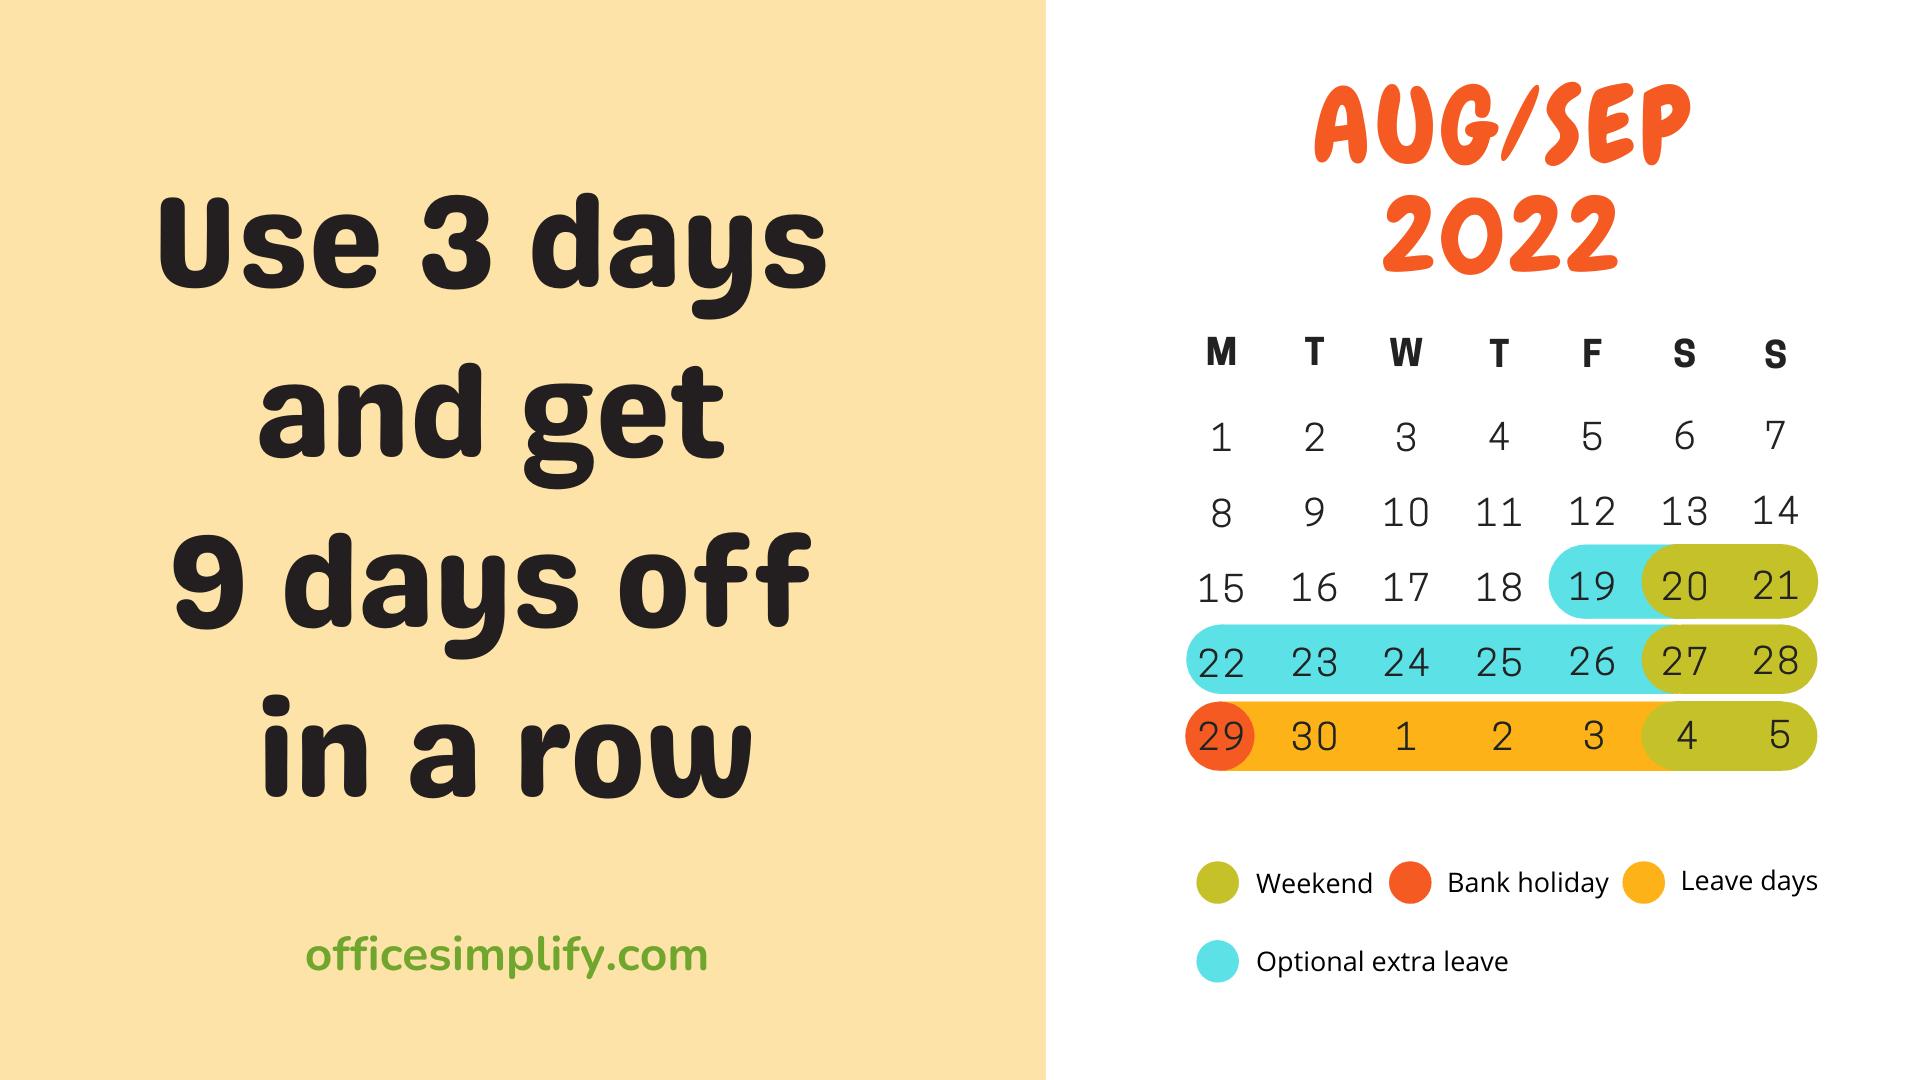 August/September 2022 employee leave plan